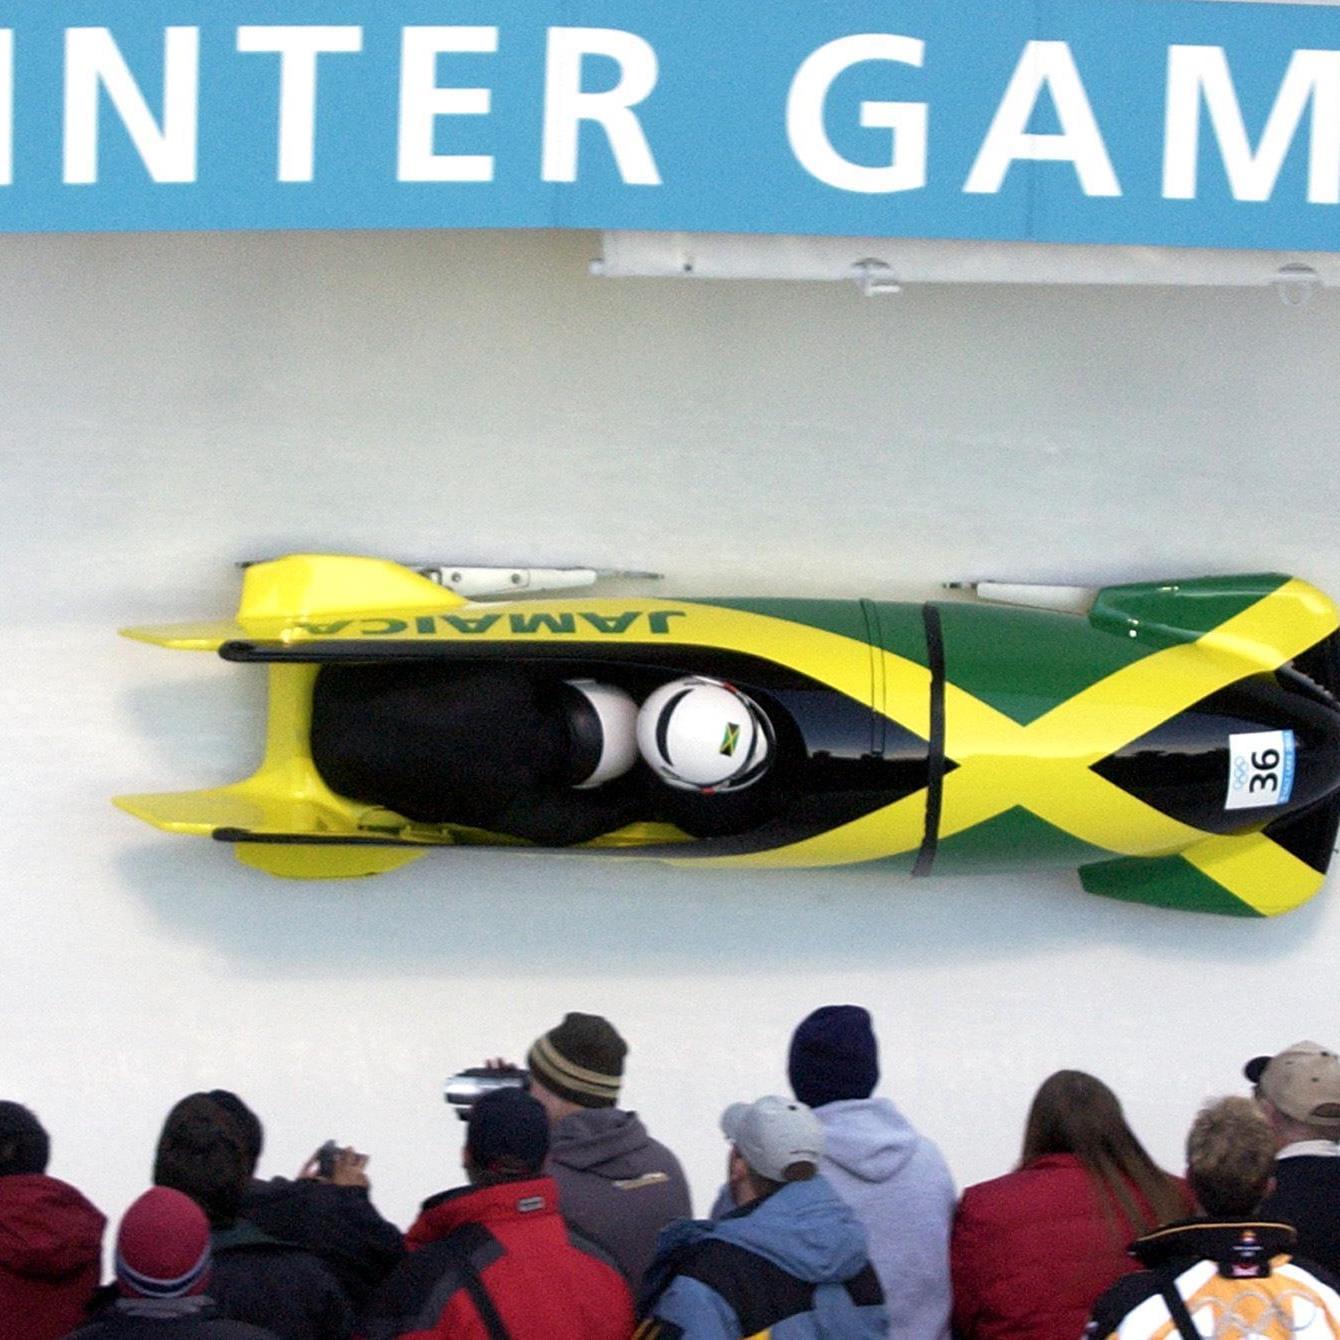 Jamaikanisches Team schaffte erstmals seit den Spielen 2002 in salt Lake City (im Bild) die Qualifikation.